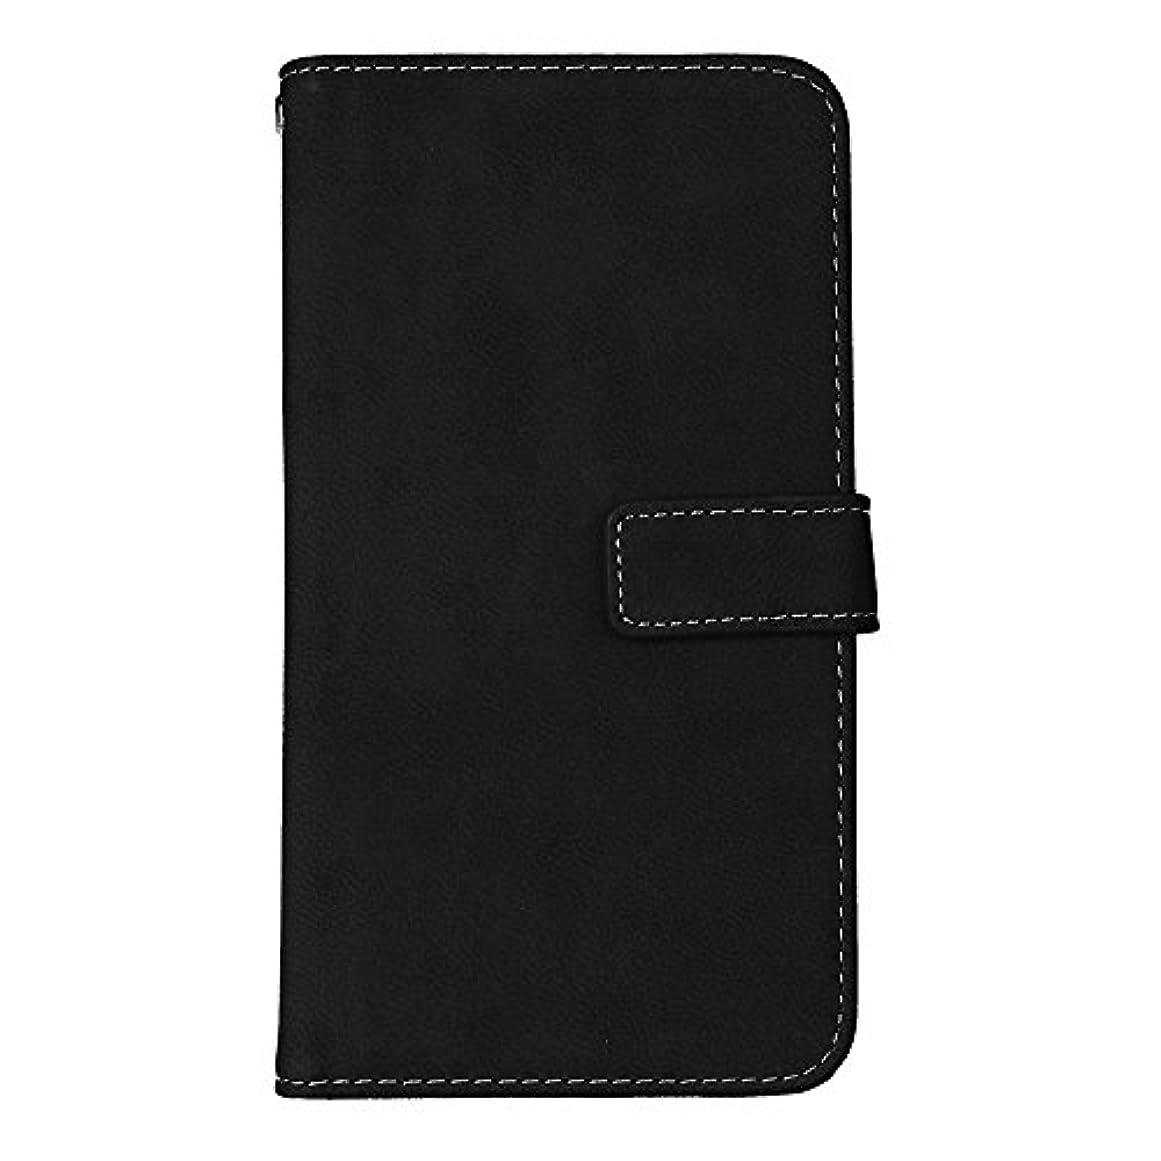 本土に類似性Galaxy J7 2016 高品質 マグネット ケース, CUNUS 携帯電話 ケース 軽量 柔軟 高品質 耐摩擦 カード収納 カバー Samsung Galaxy J7 2016 用, ブラック